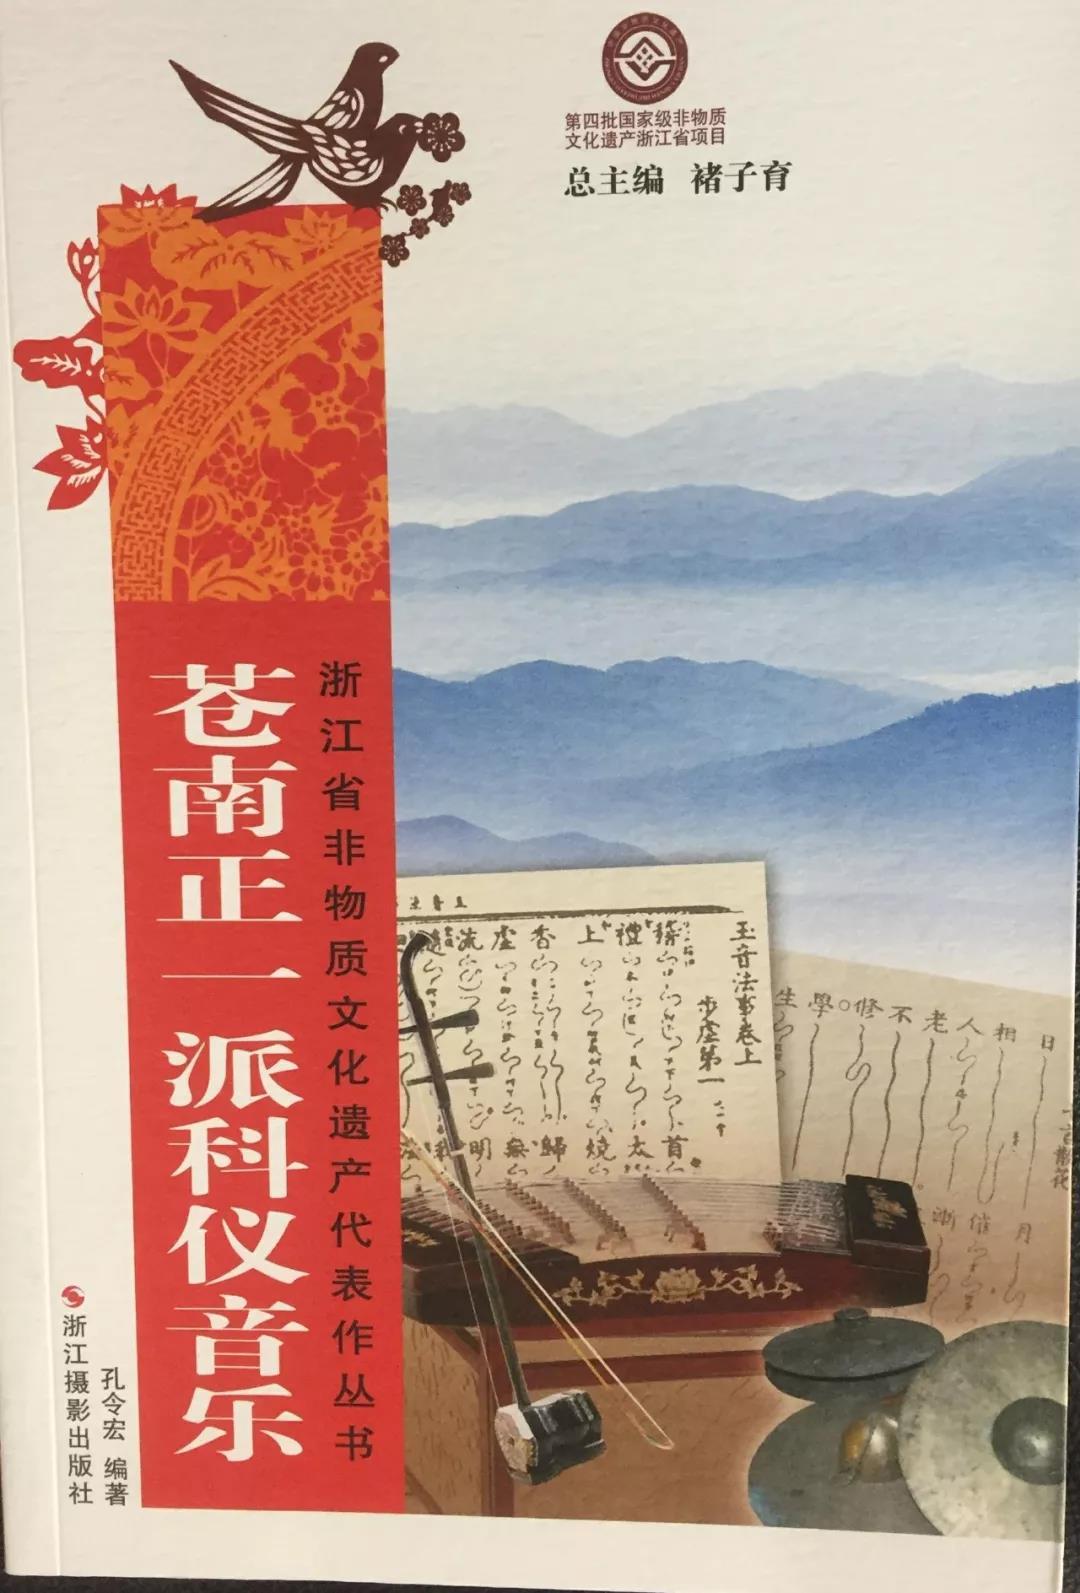 新书推介:孔令宏《苍南正一派科仪音乐》